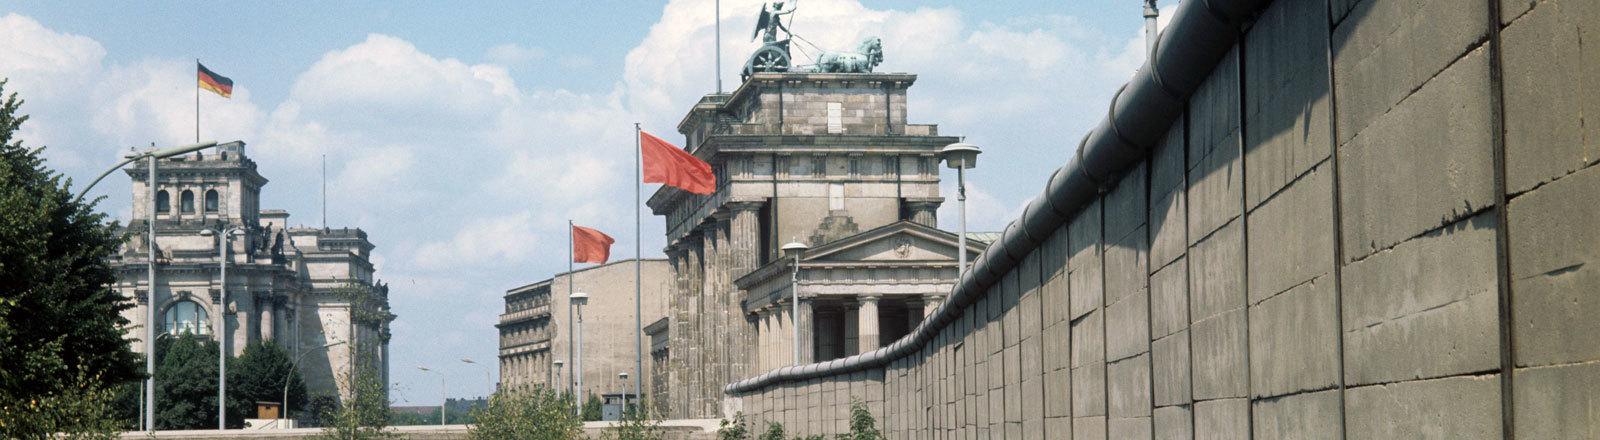 Westberlin Brandenburger Tor Reichstag Berliner Mauer 1961